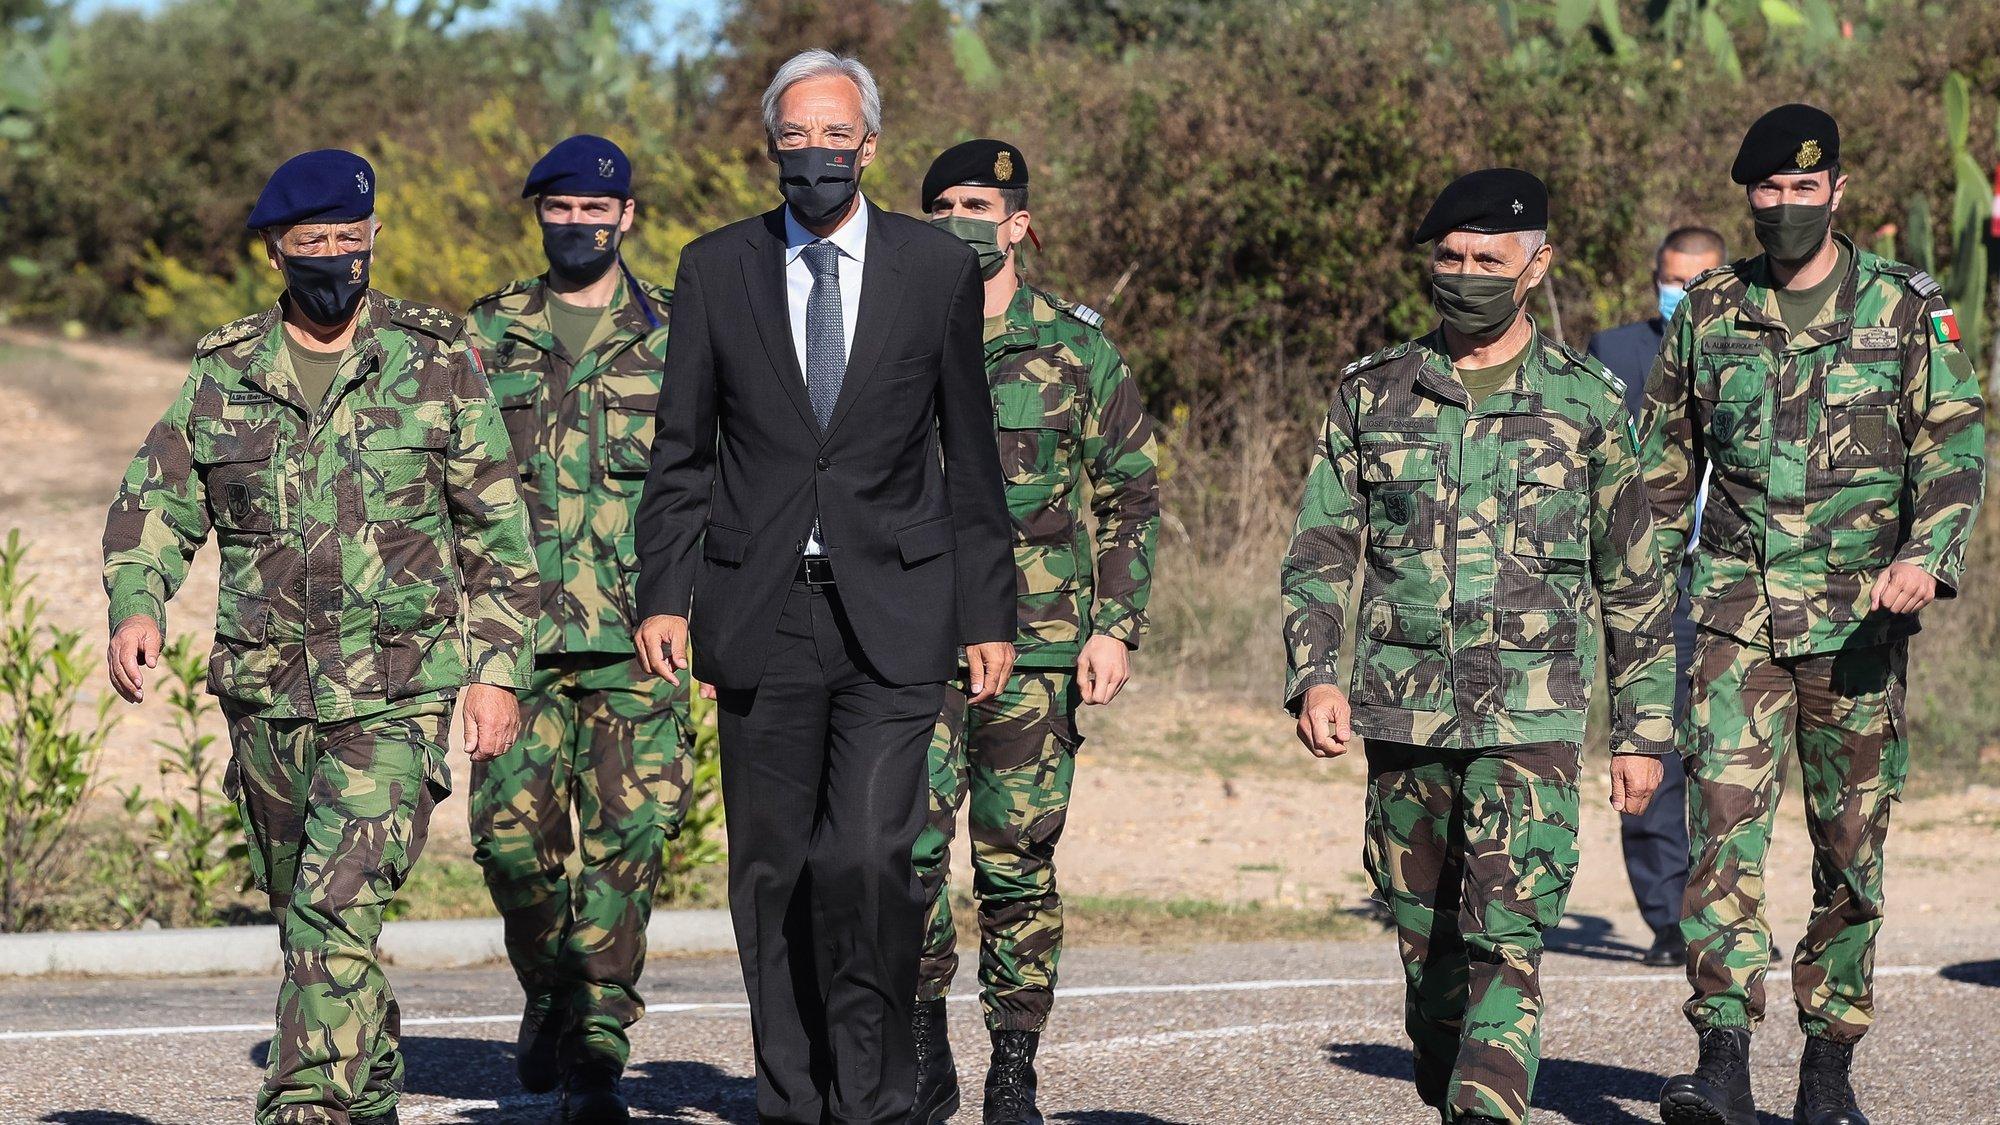 O ministro da Defesa, João Gomes Cravinho à chegada para a cerimónia de receção do Estandarte Nacional da 6.ª Força Nacional Destacada no Afeganistão, no âmbito da NATO Resolute Support Missionno, no Campo Militar de Santa Margarida, Constância, 29 de setembro de 2021. PAULO NOVAIS/LUSA